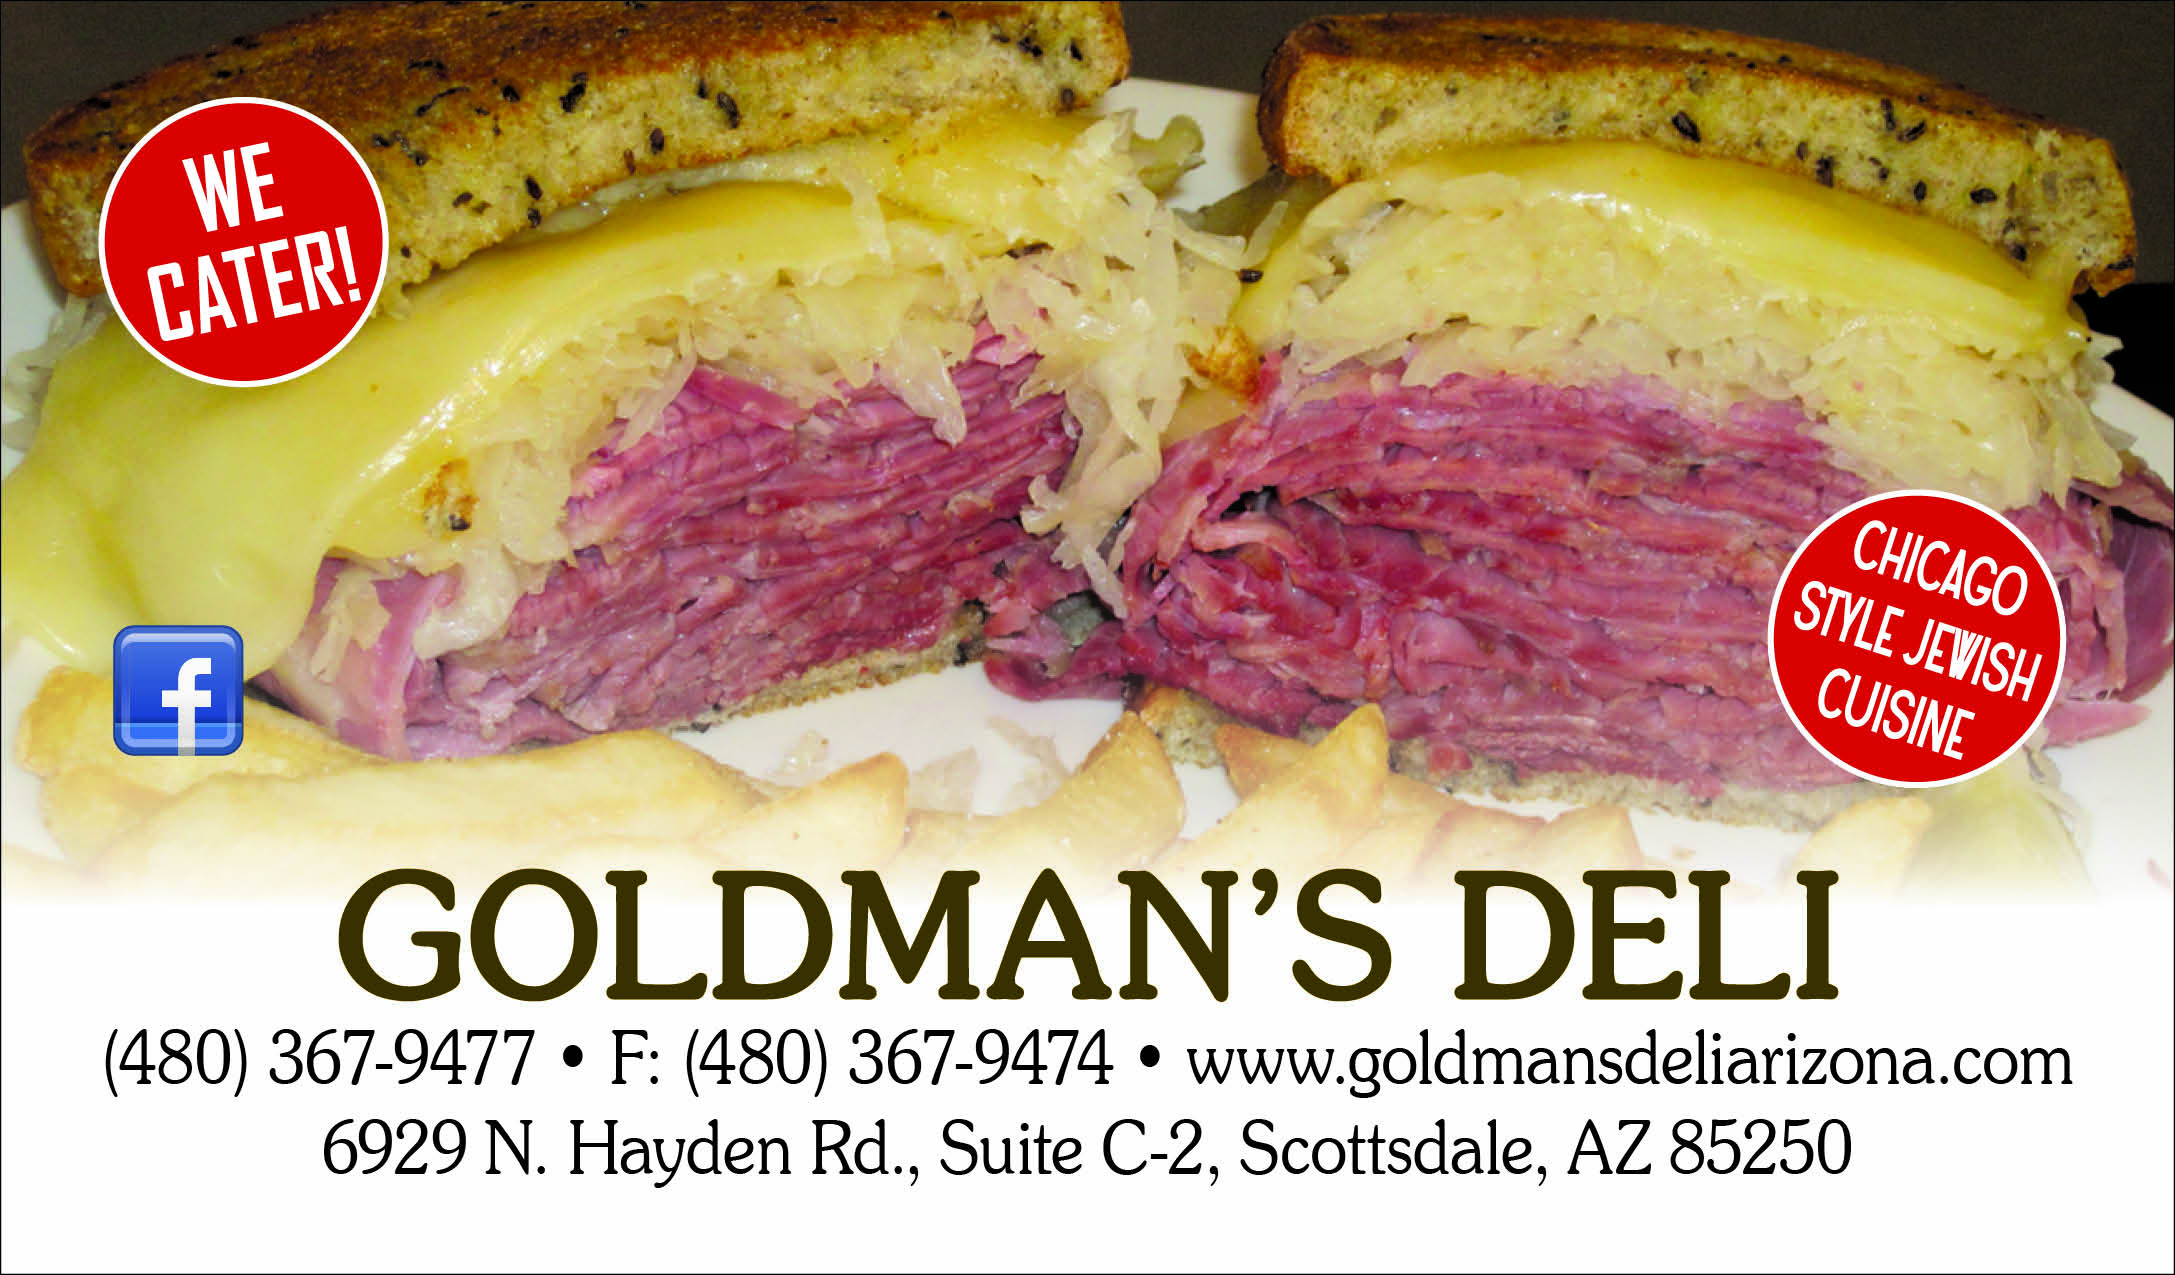 Goldmans Deli, business card redesign, front side